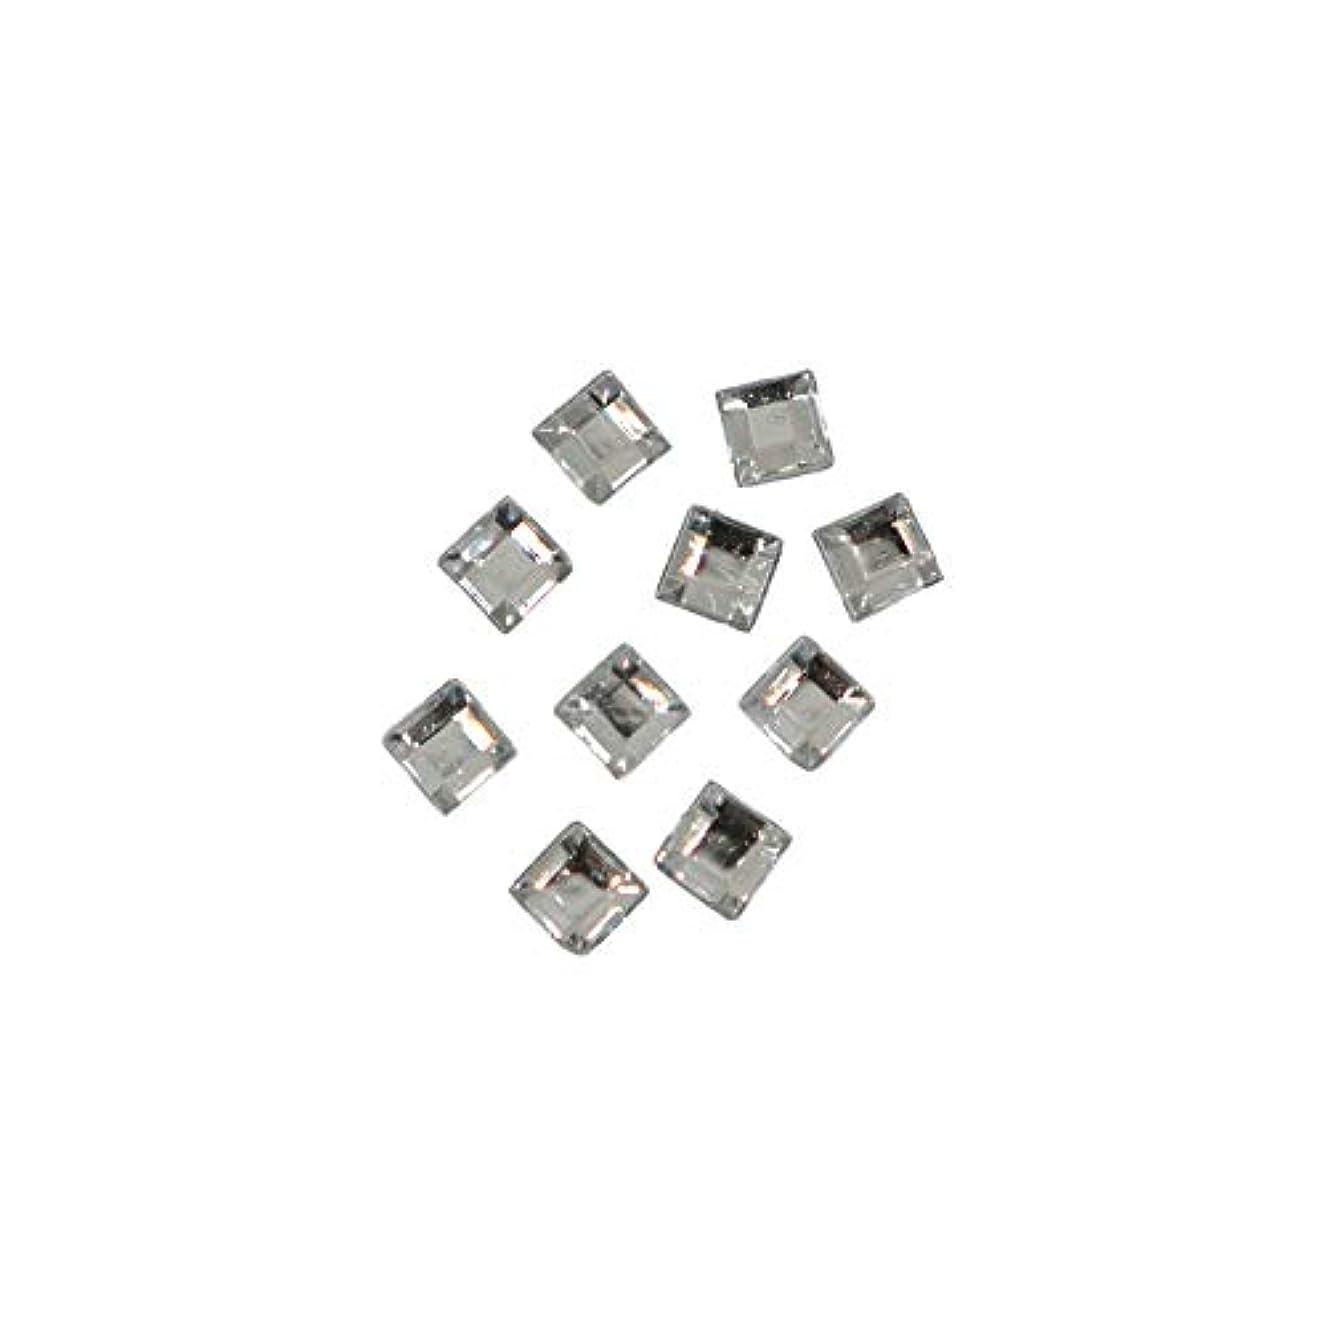 スクエアストーン 30粒 / 色々使える四角いアクリルストーン (クリスタル2.5mm)